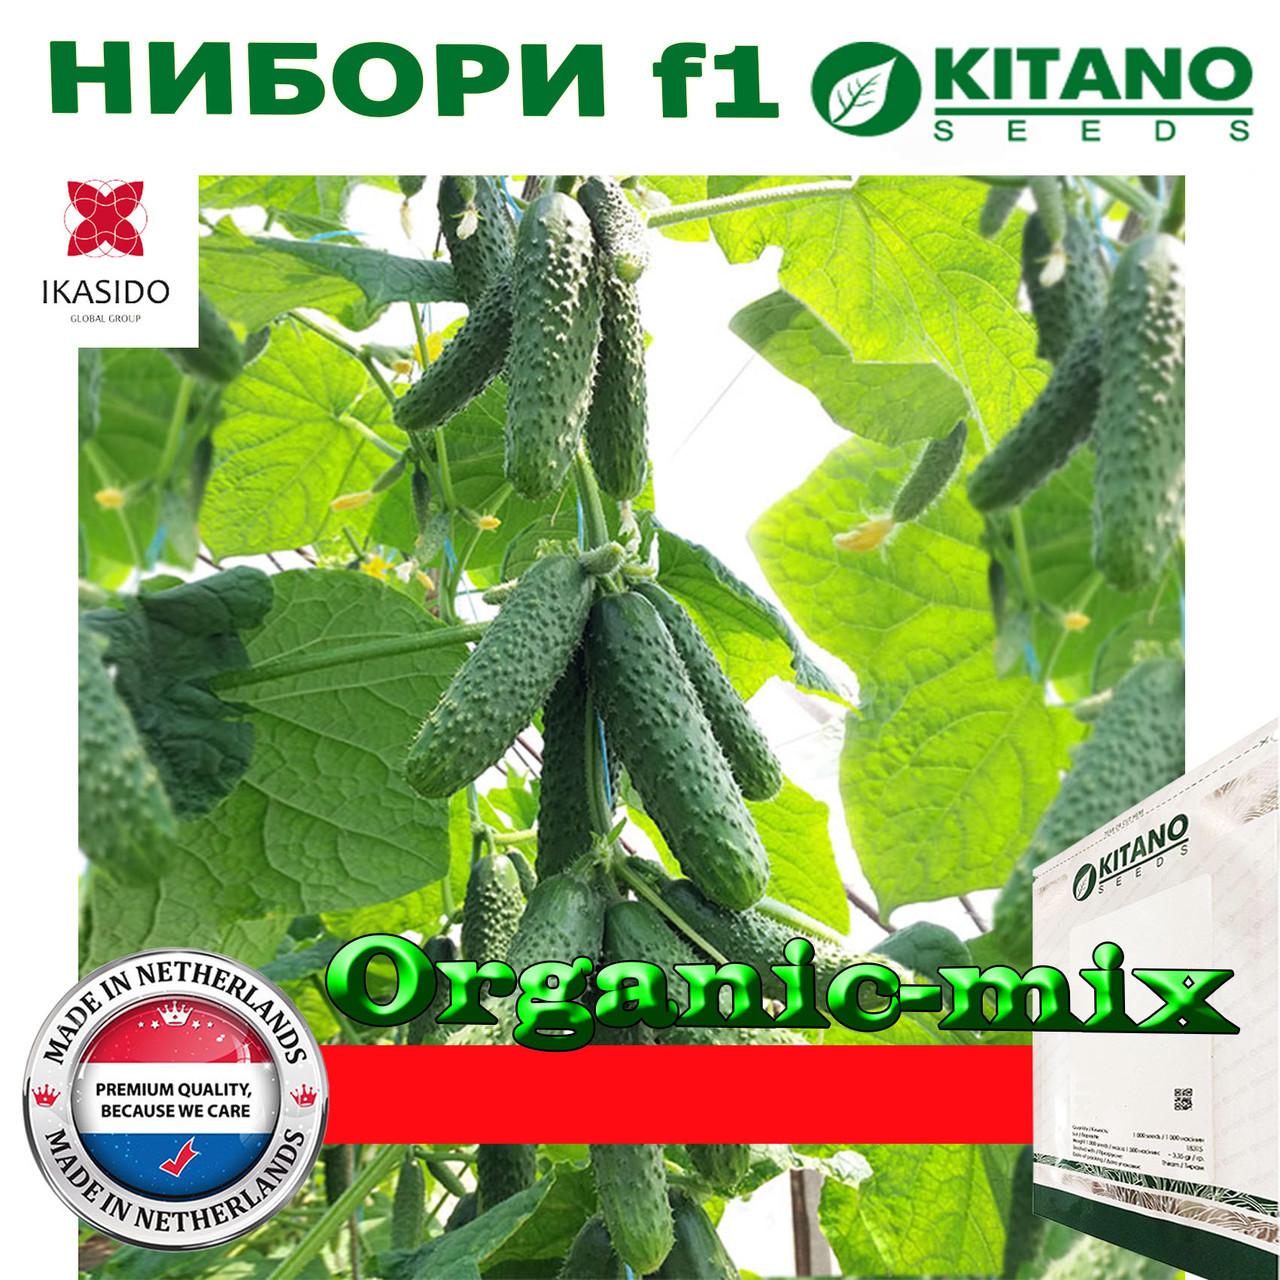 Огурец Нибори F1 KS 90, суперпучковой, 1000 семян, ТМ Kitano Seeds